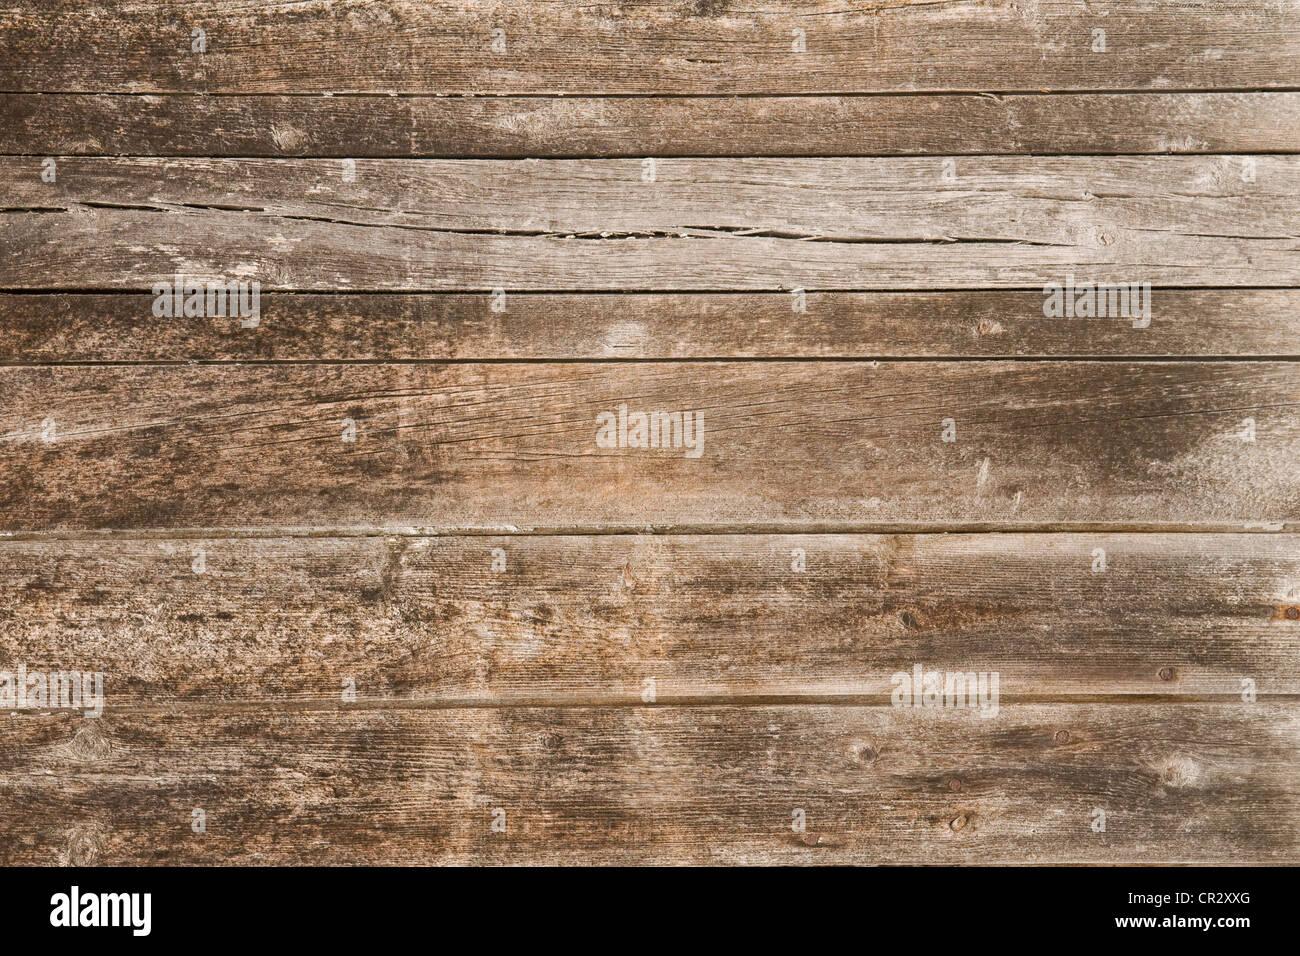 Ripiani In Legno Grezzo : Ripiano in legno grezzo texture foto immagine stock